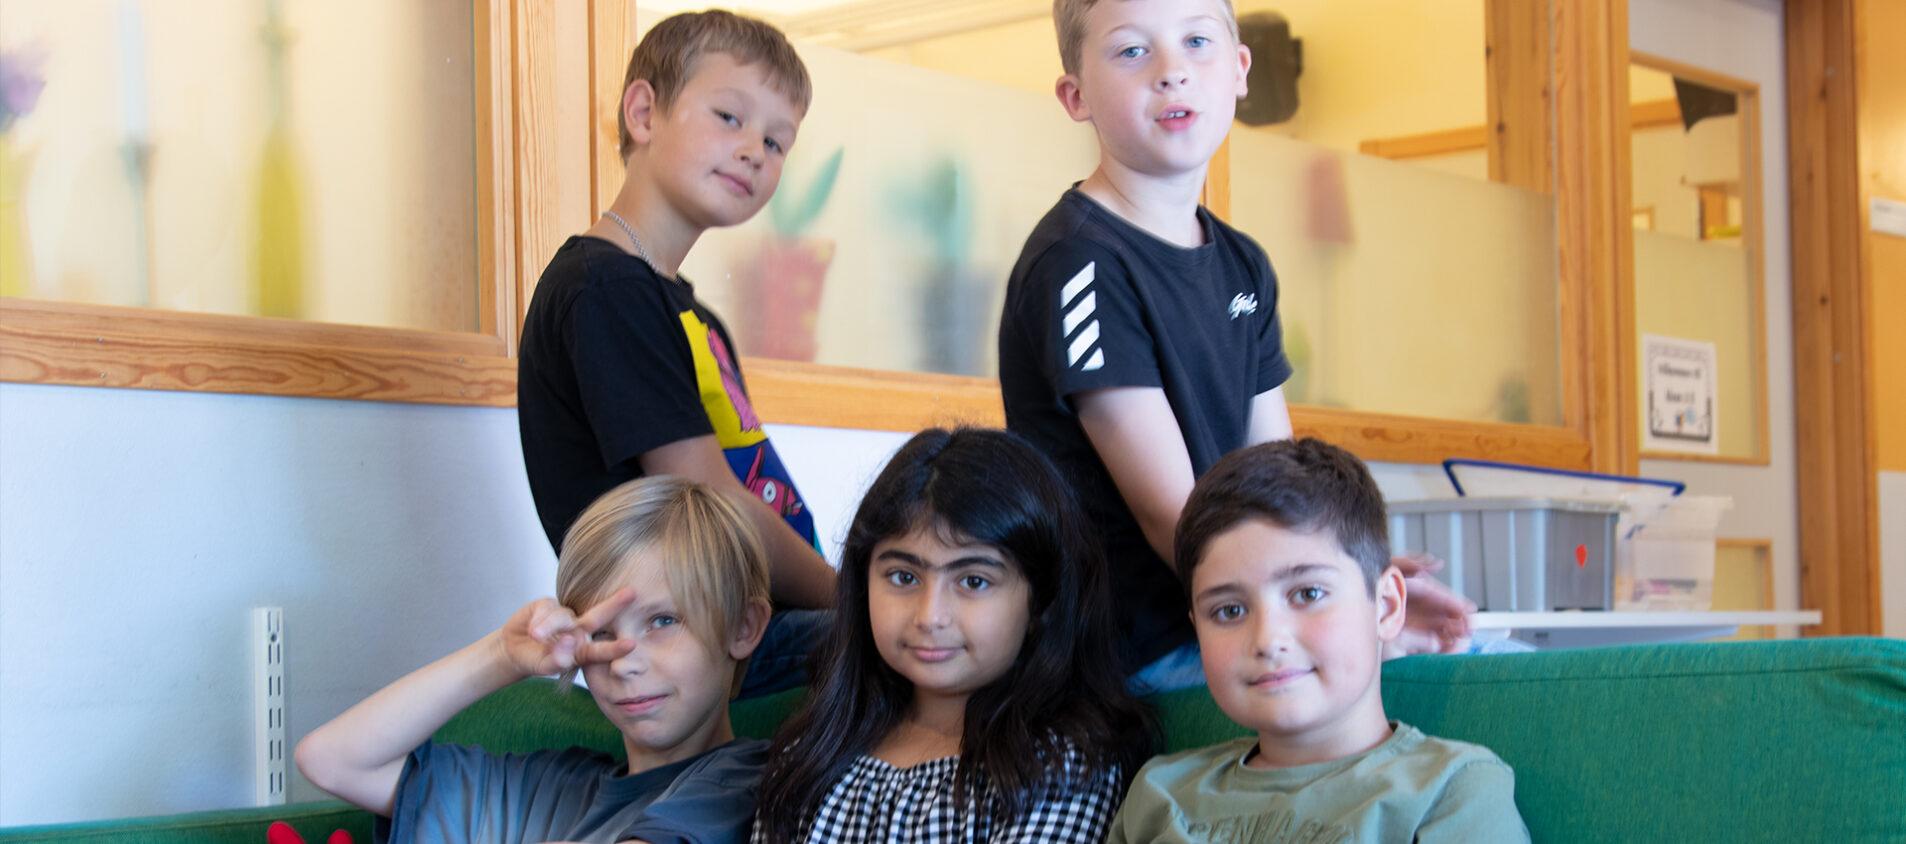 Elever på Grevhagsskolan i Eksjö. Över raden från vänster: Sixten och Alex. Nedre raden från vänster: Nils, Silwa och Khachik.